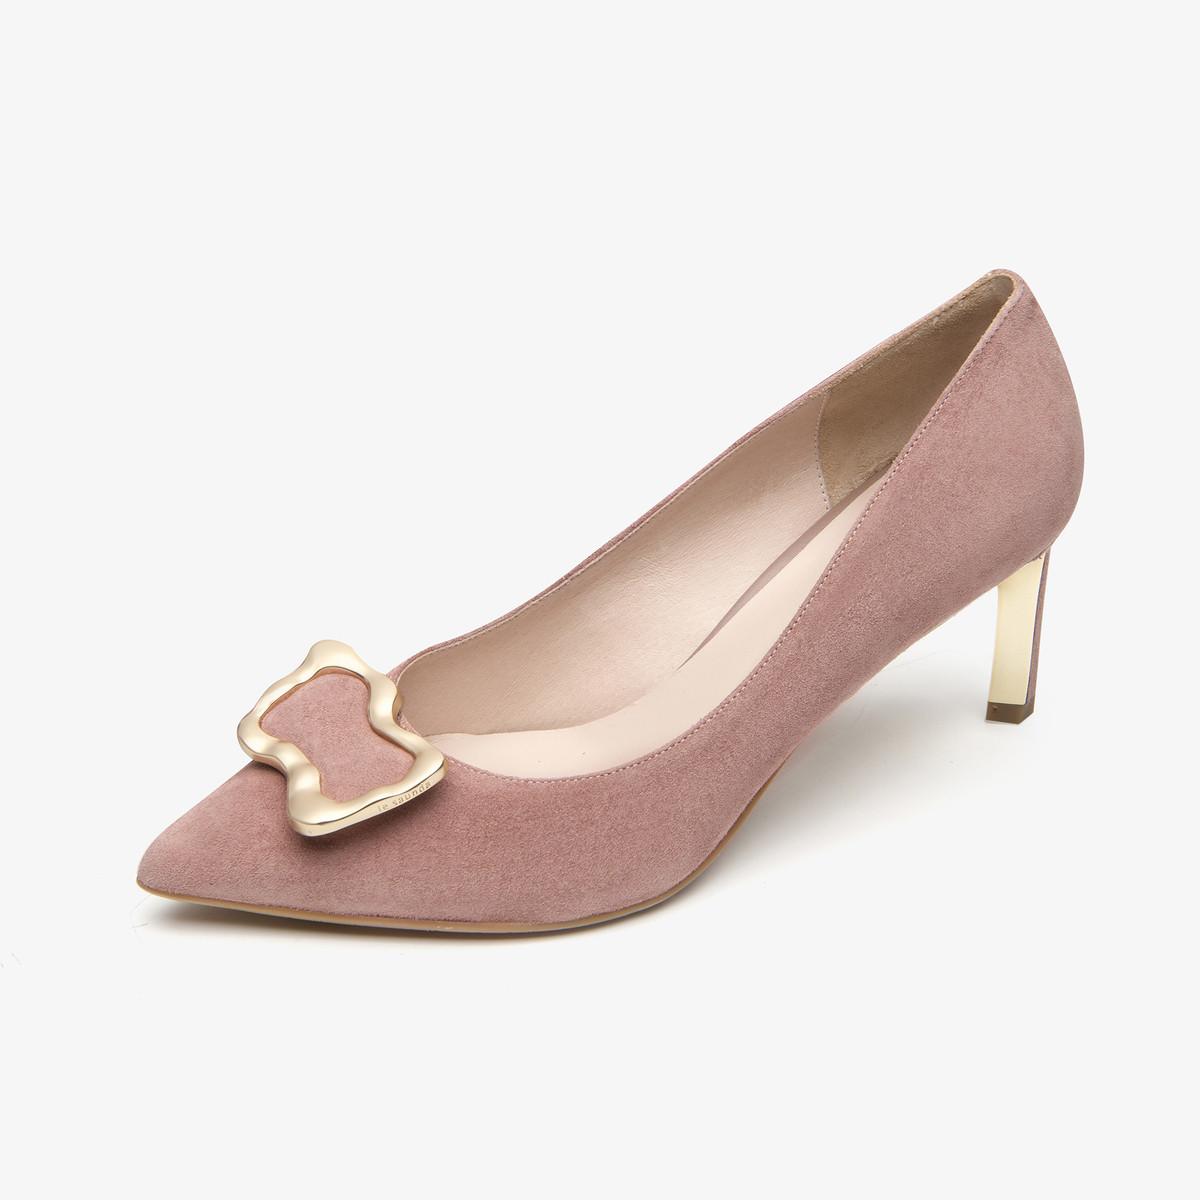 莱尔斯丹 四季时尚通勤尖头浅口金属扣细高跟女单鞋工鞋AT70105